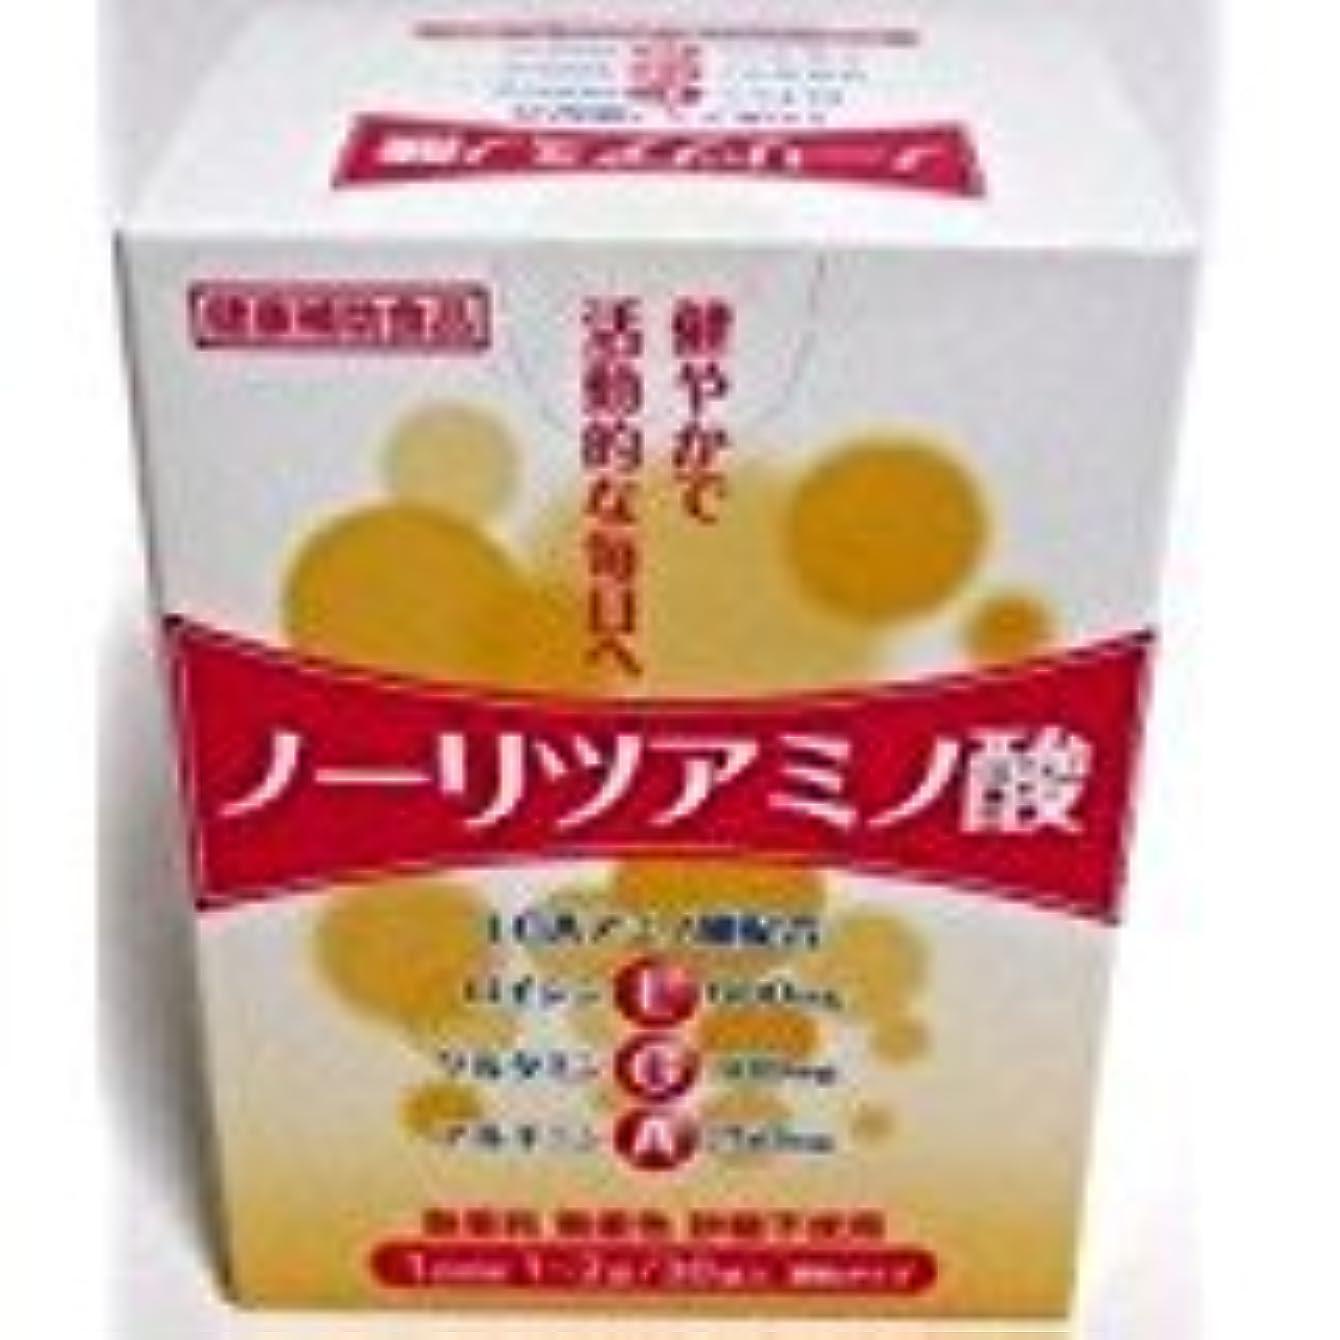 カエル時々時々振り子ノーリツアミノ酸(30袋入)